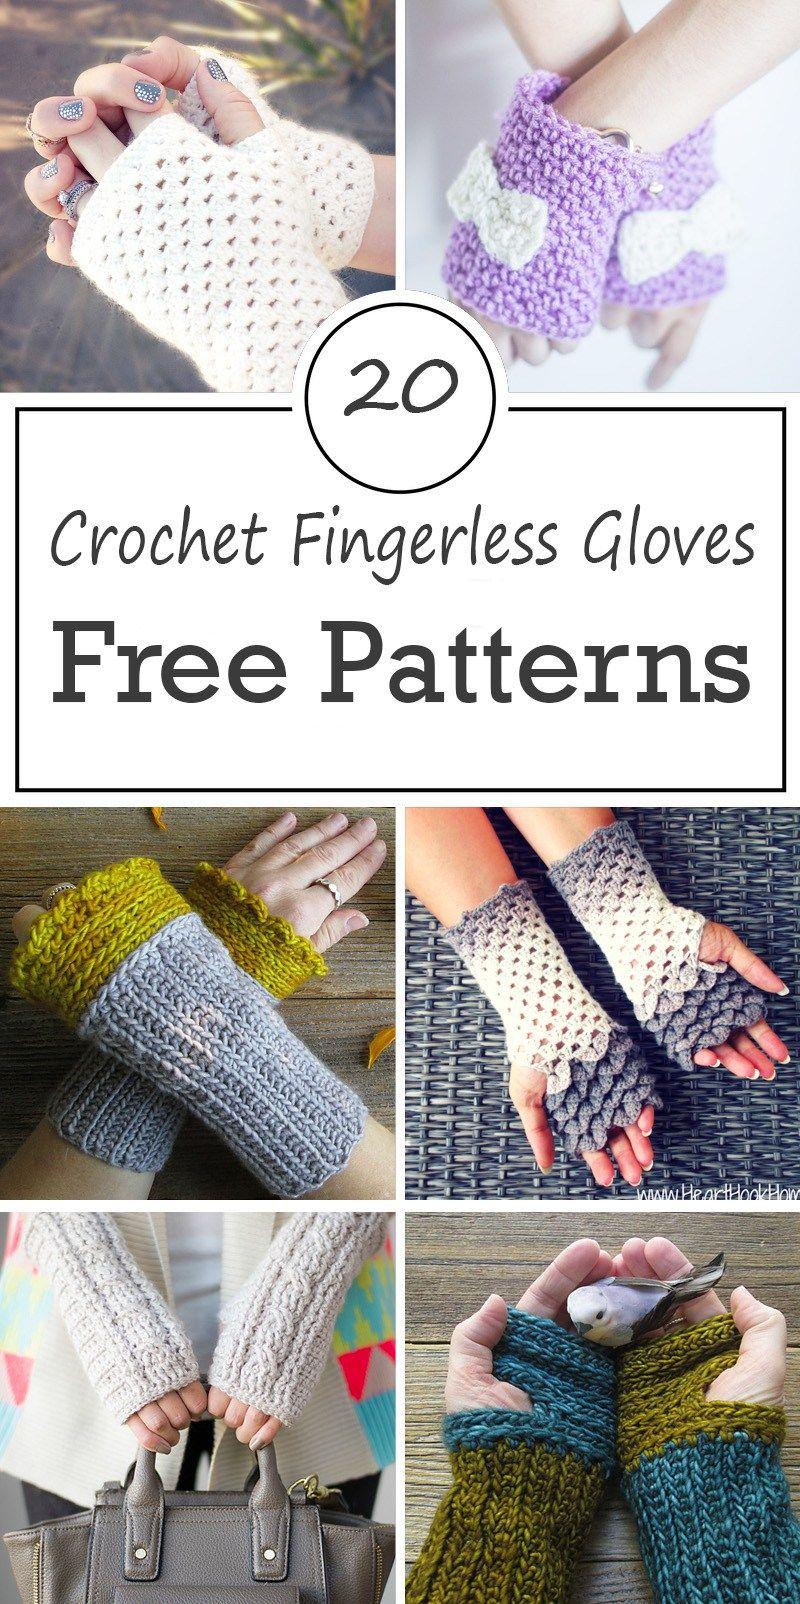 Crochet Fingerless Gloves Free Patterns | Stricken, Wolle und Häkeln